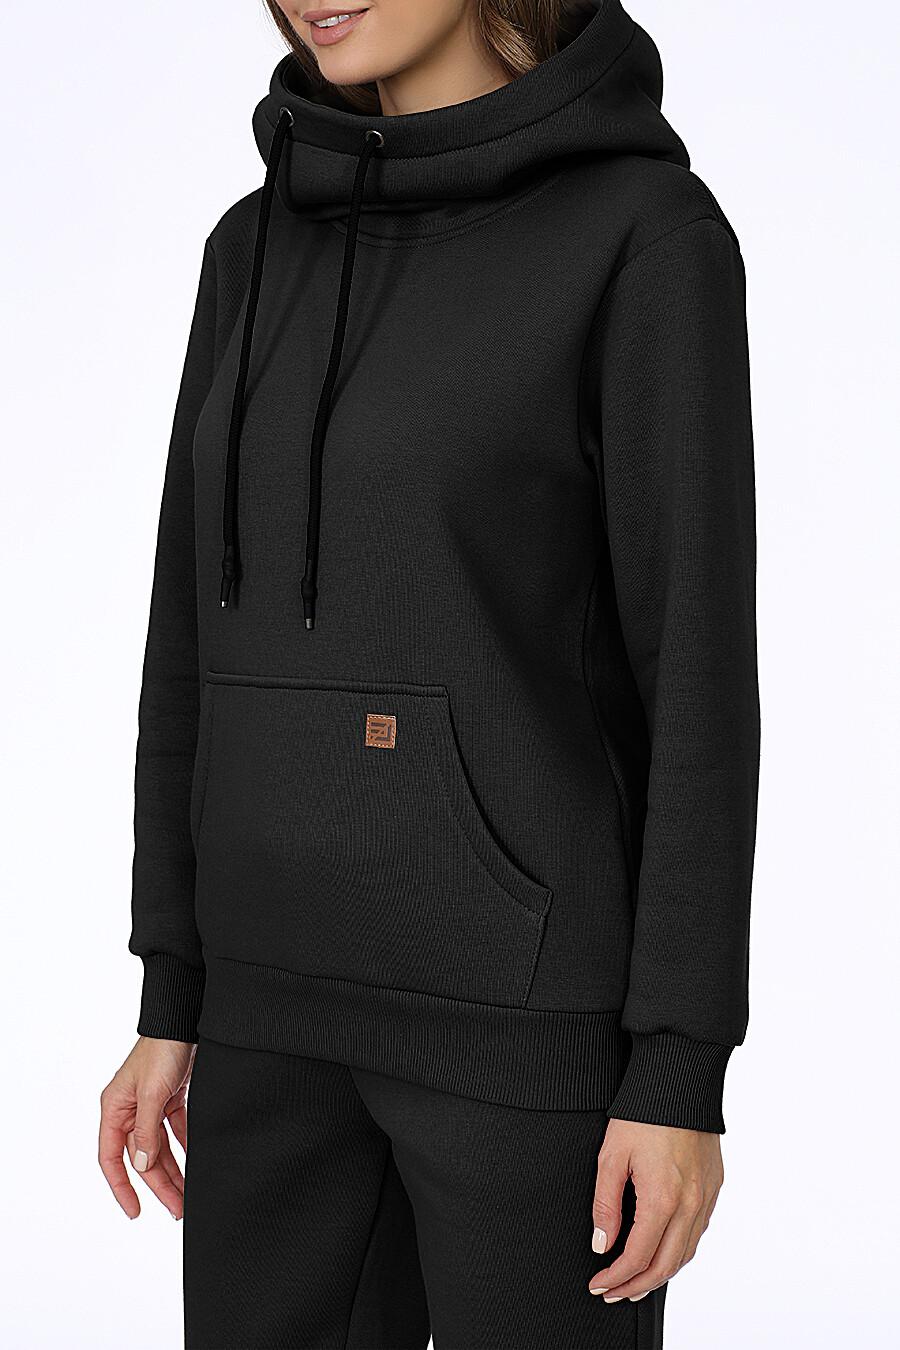 Худи для женщин EZANNA 707976 купить оптом от производителя. Совместная покупка женской одежды в OptMoyo